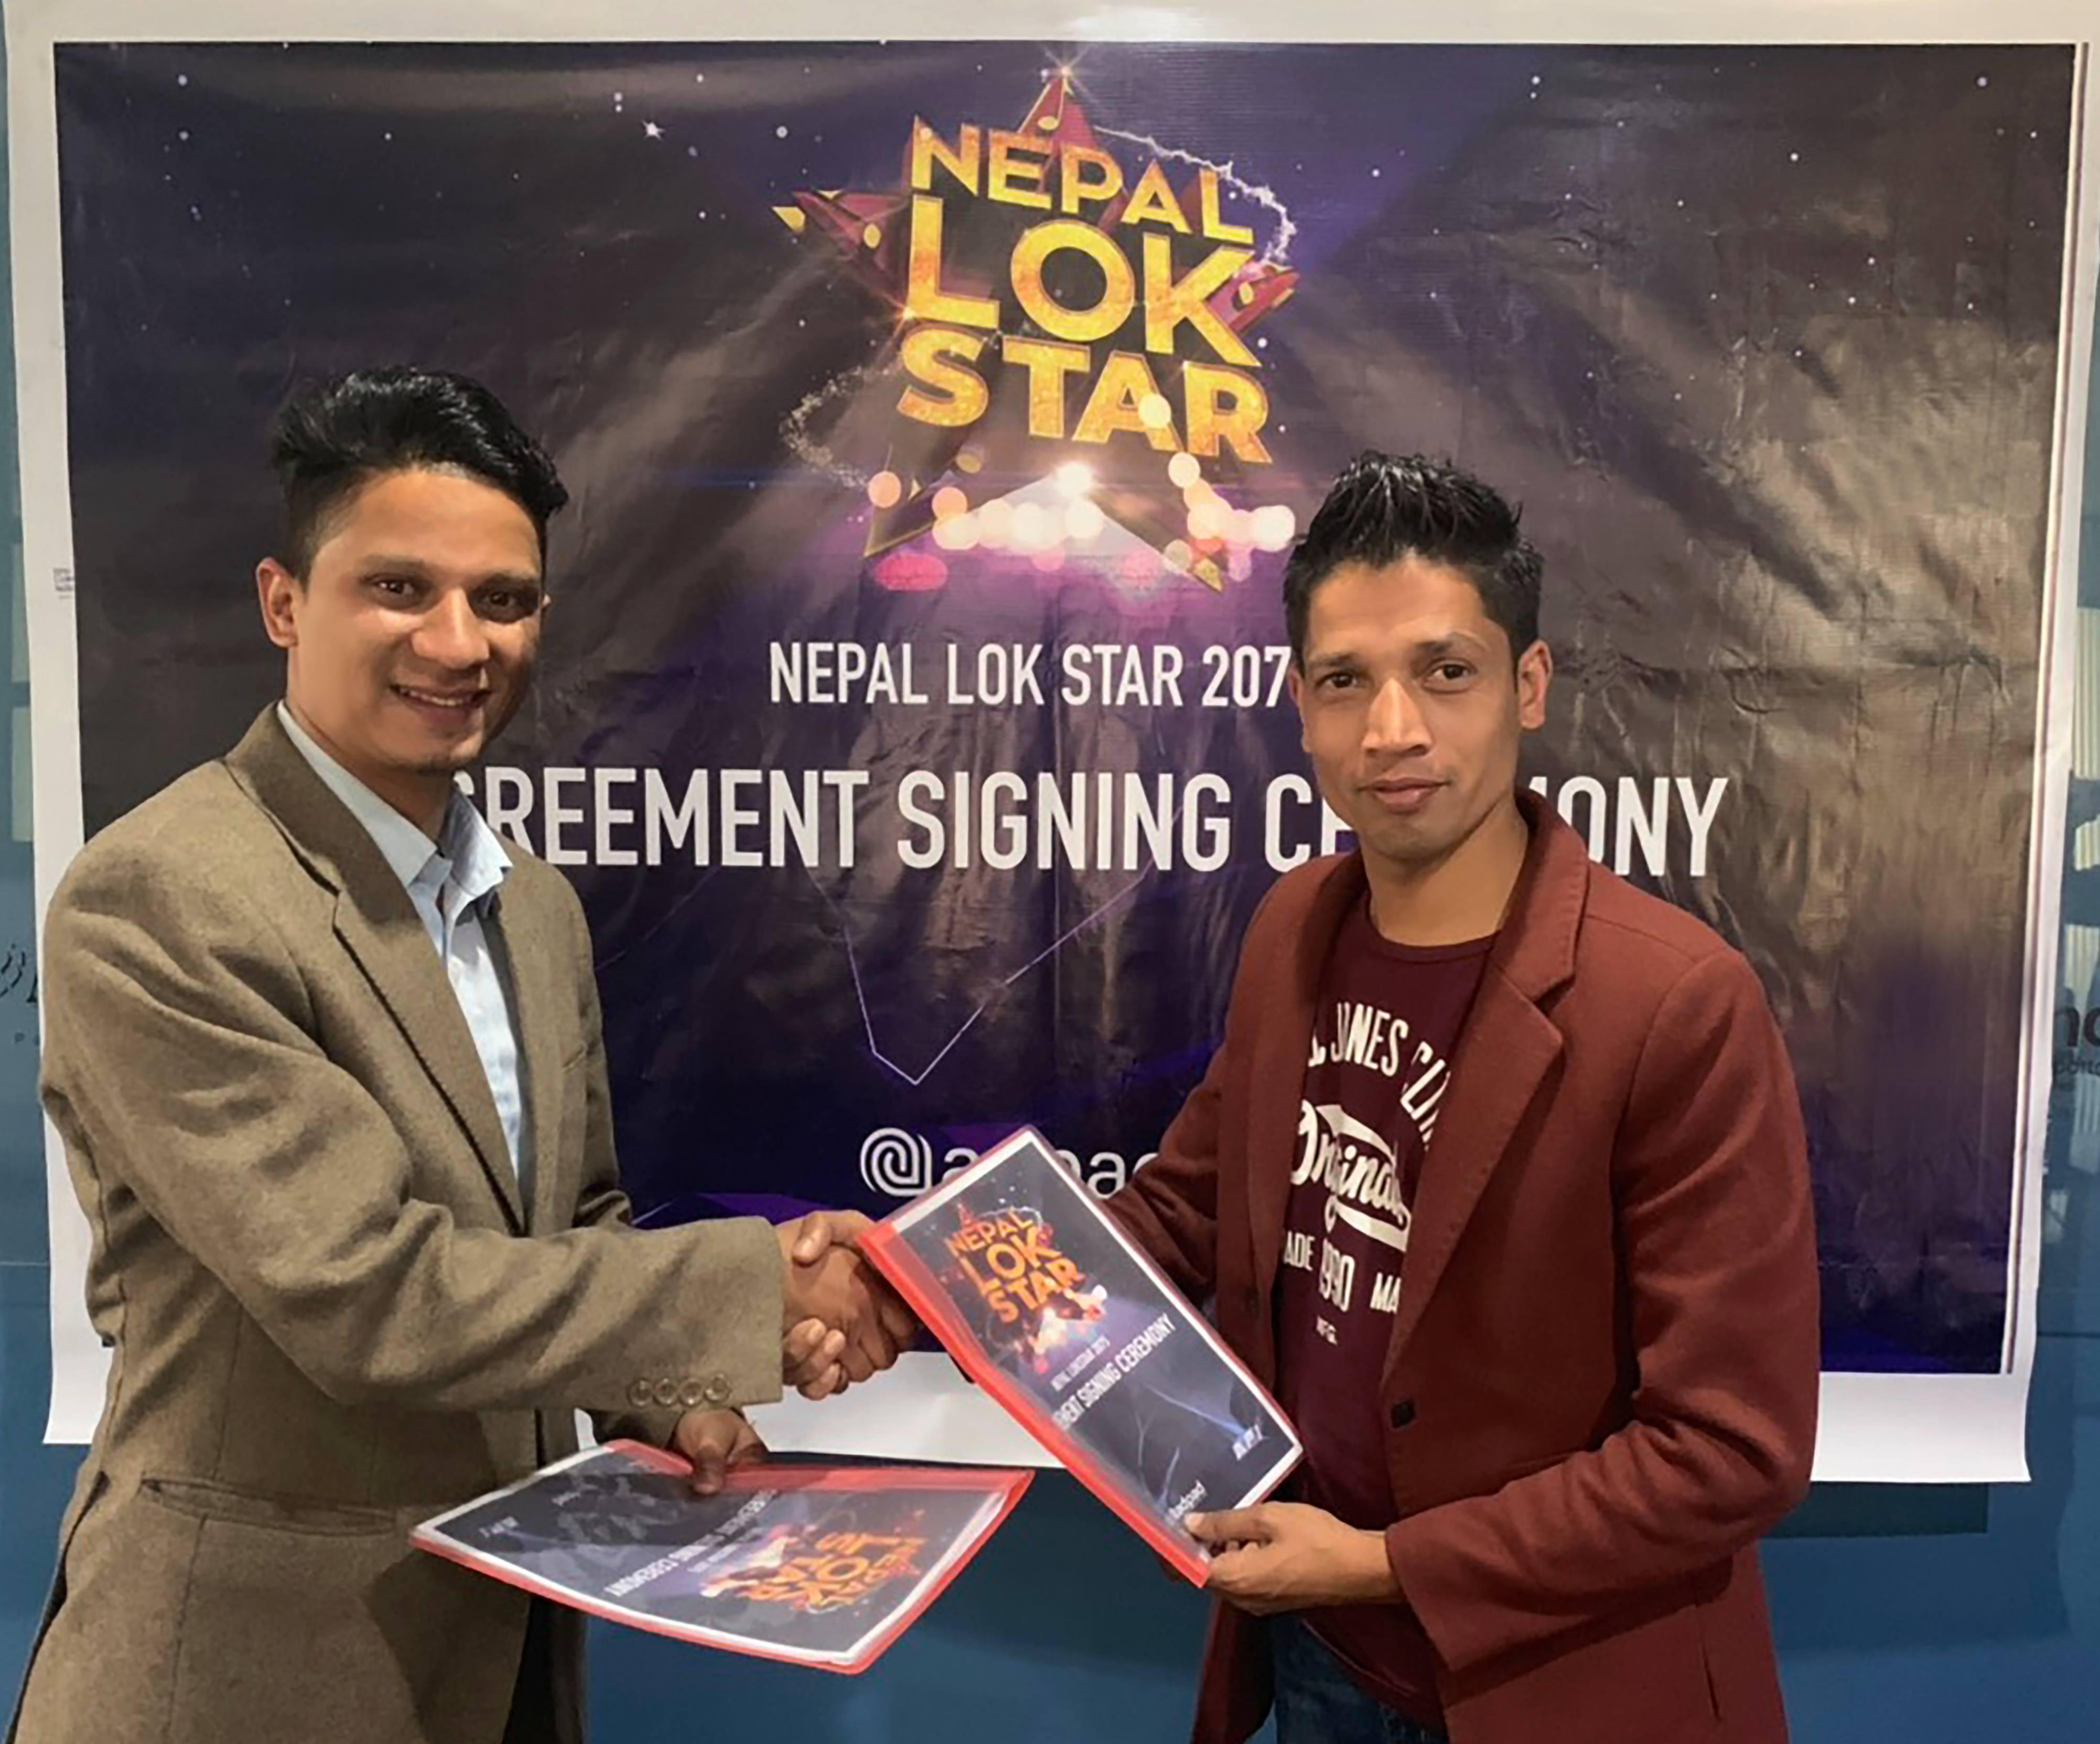 रियालिटी शो नेपाल लोक स्टारको बजार प्रवर्द्धनको जिम्मा एडप्याडलाई